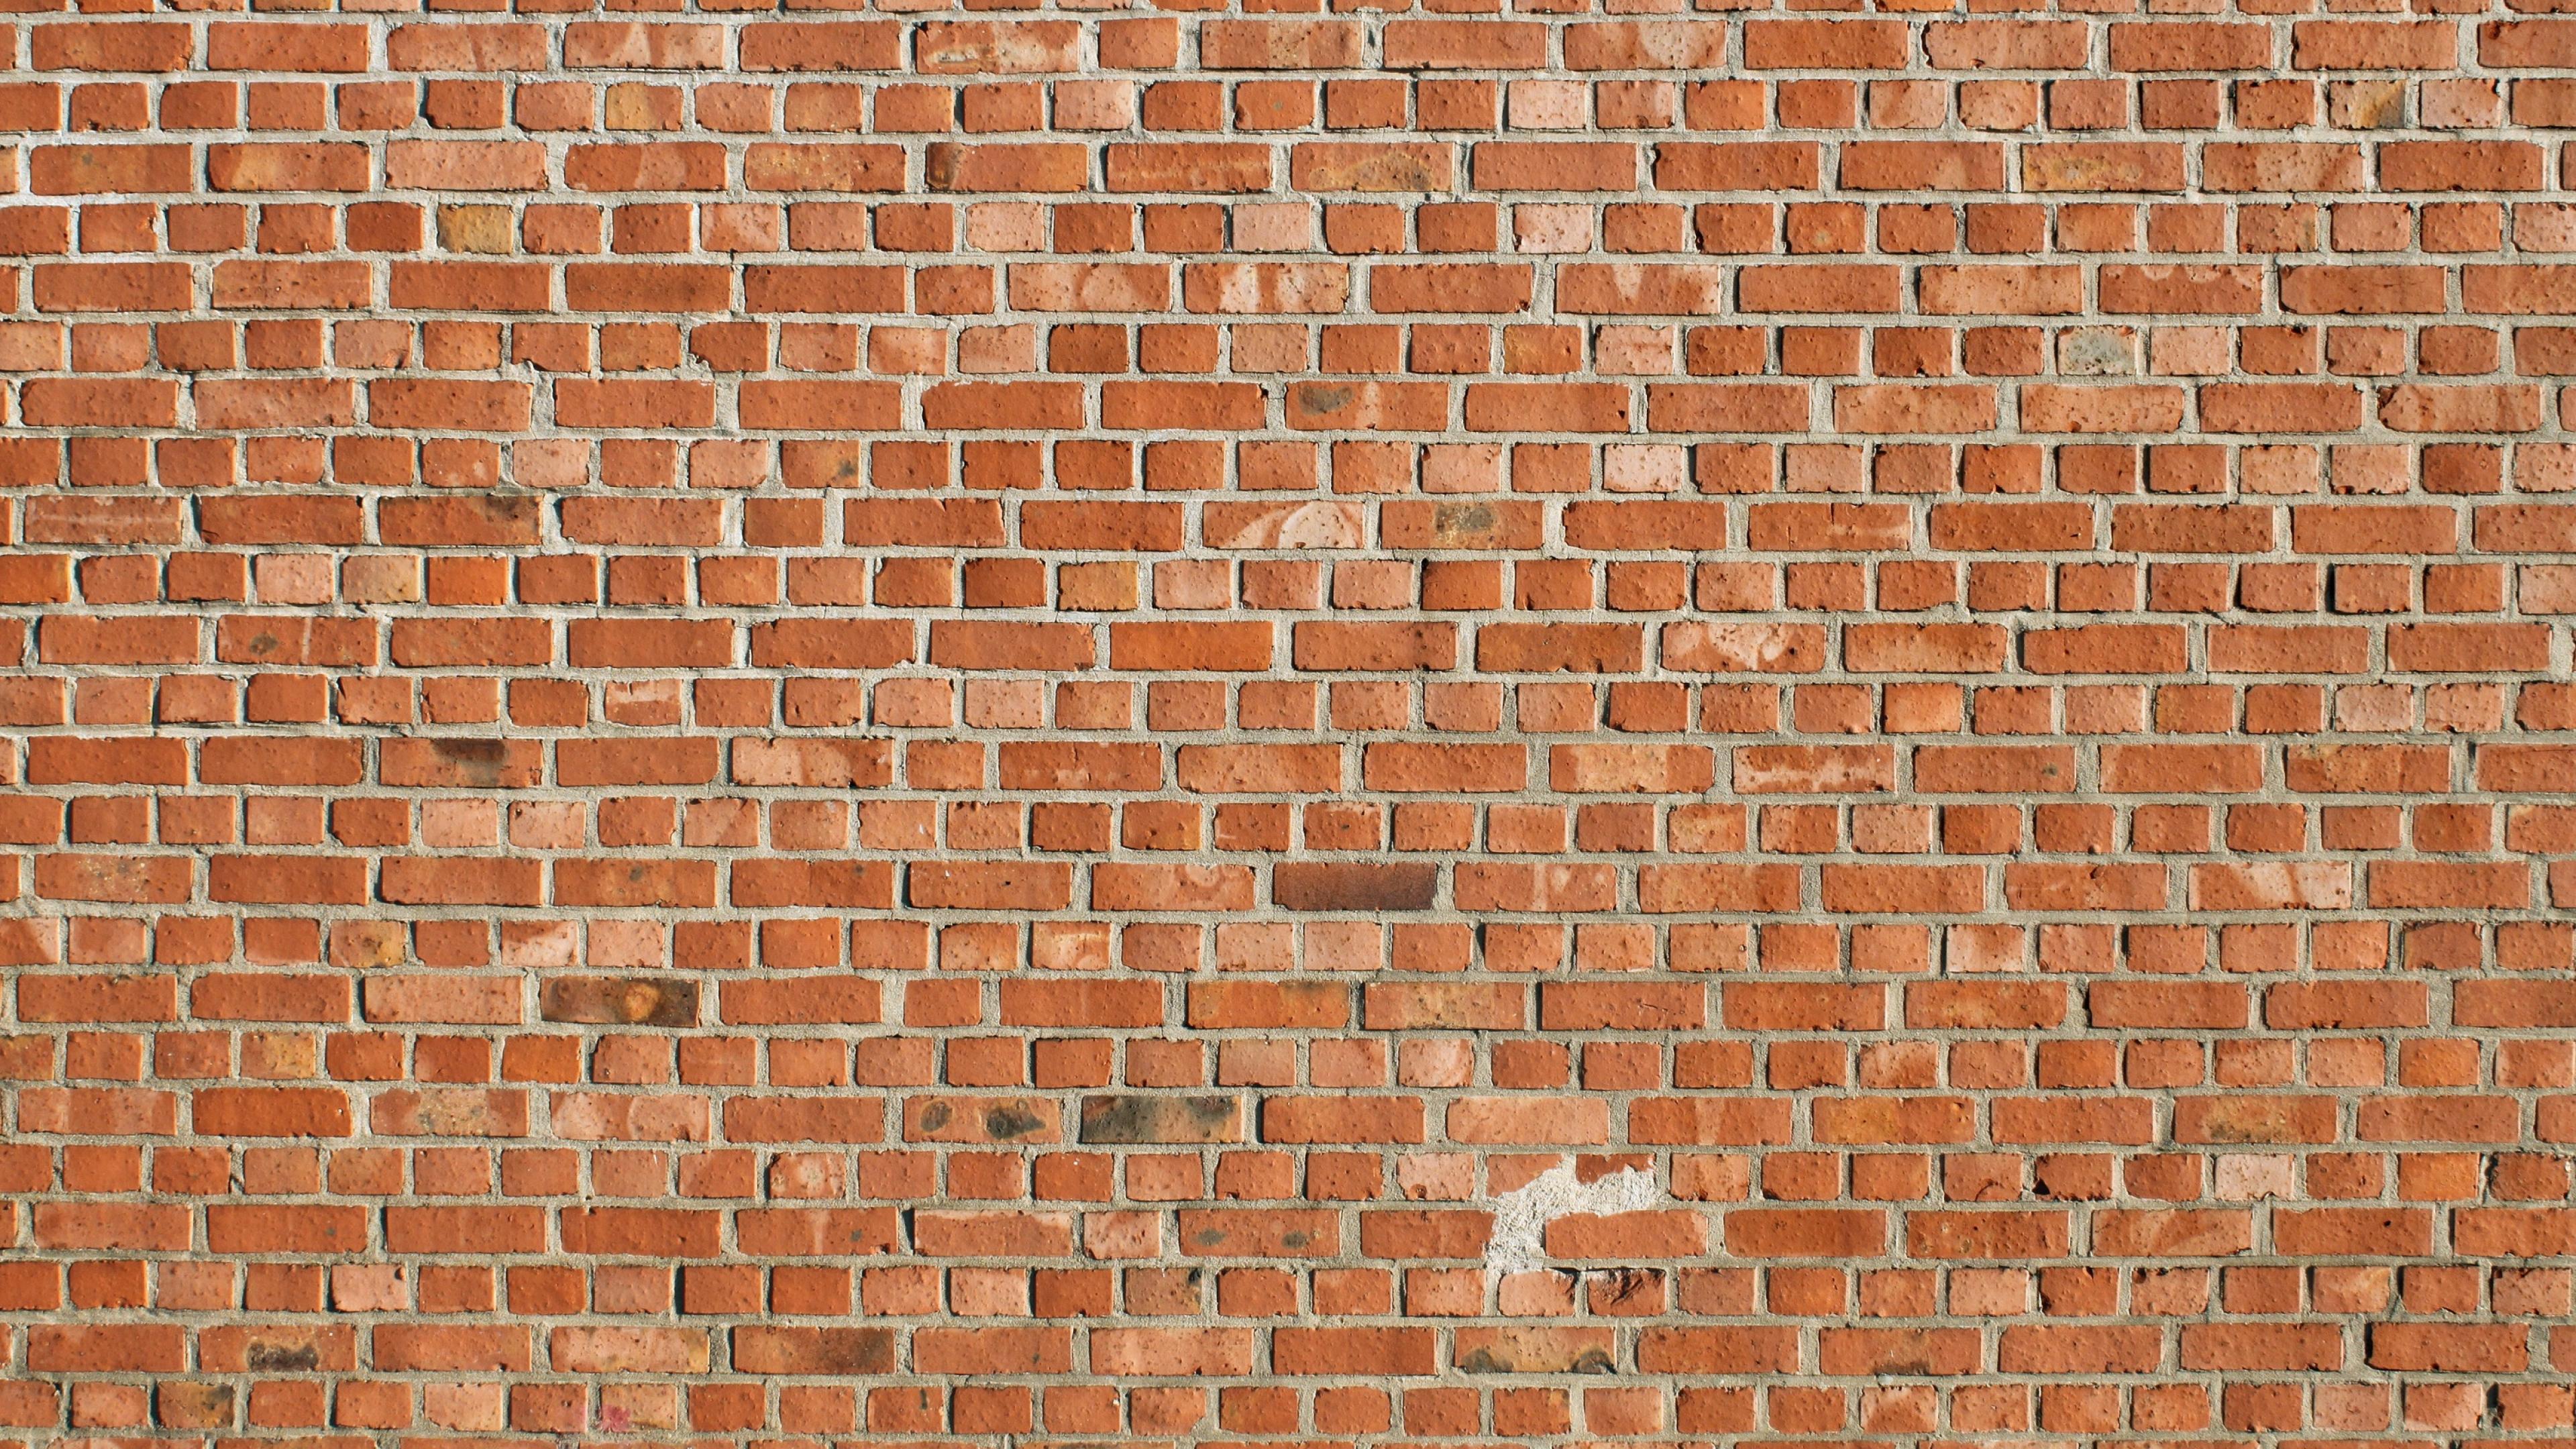 Wallpaper 3840x2160 texture brick wall 4K Ultra HD HD Background 3840x2160